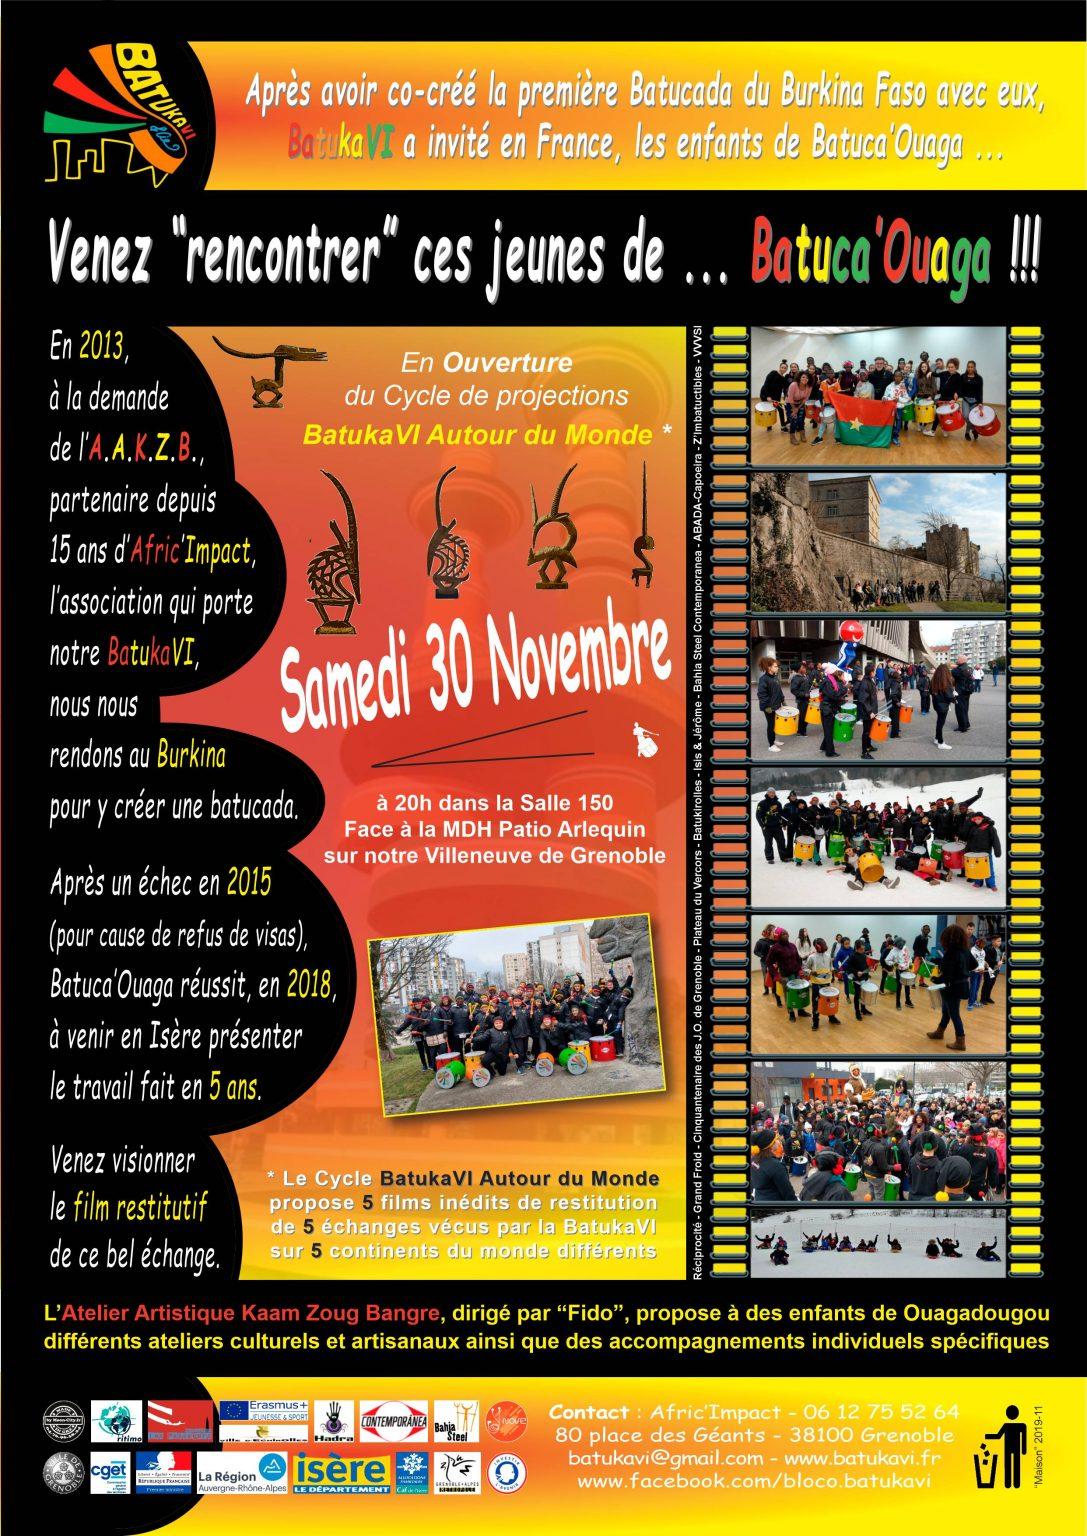 2019-11-30 Soirée Batuk'Alp VI - Les Ouagalais 1